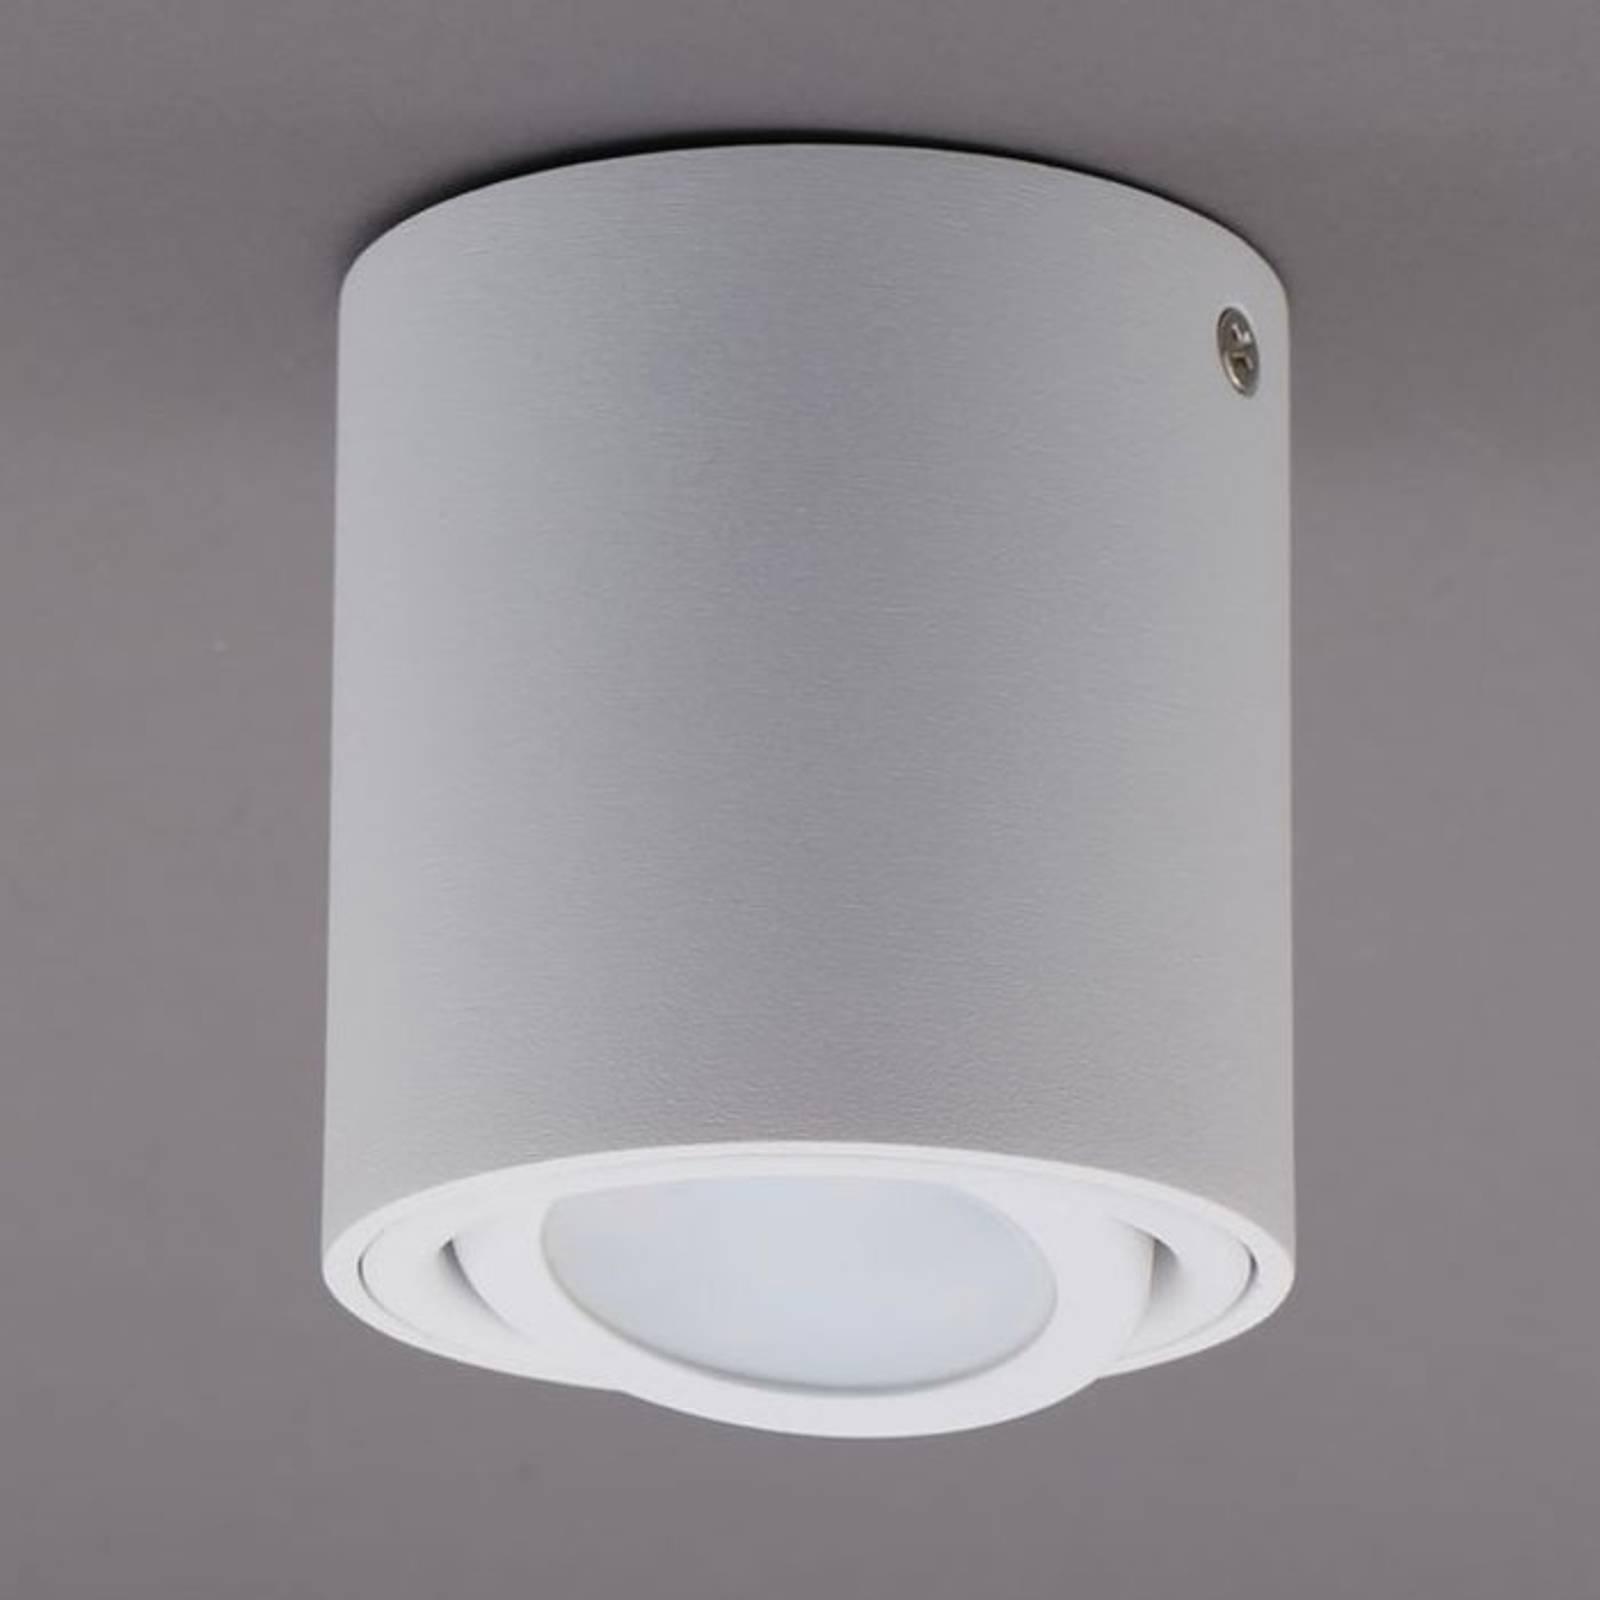 LED plafondlamp 7119 met GU10 LED, wit